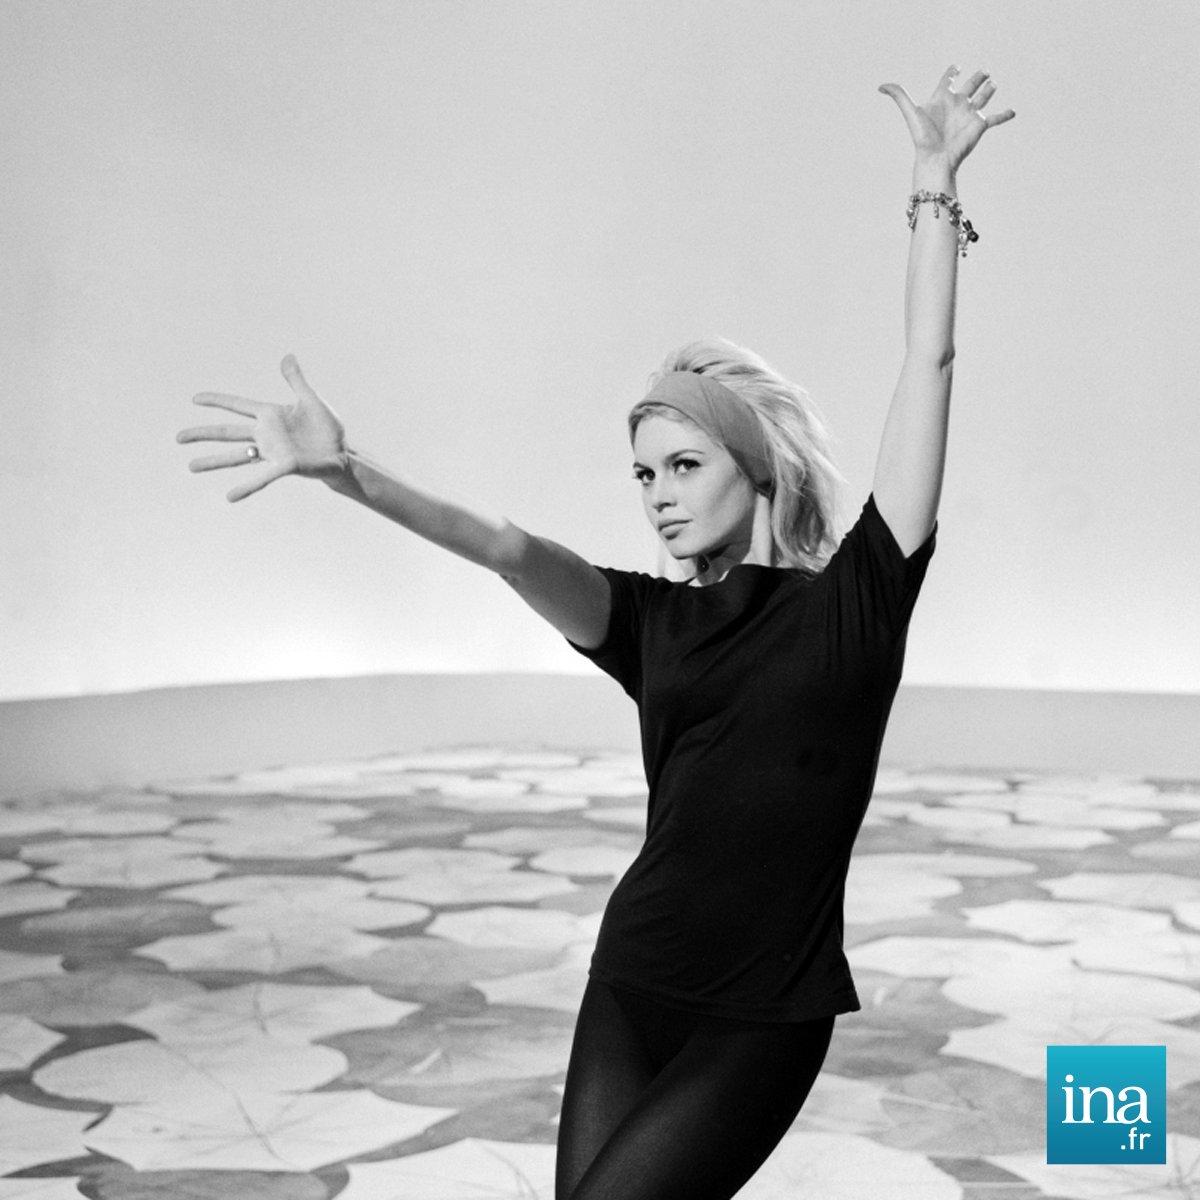 1962 - Brigitte Bardot pendant le tournage de l'émission du nouvel an 'A vos souhaits...Brigitte Bardot' 📷